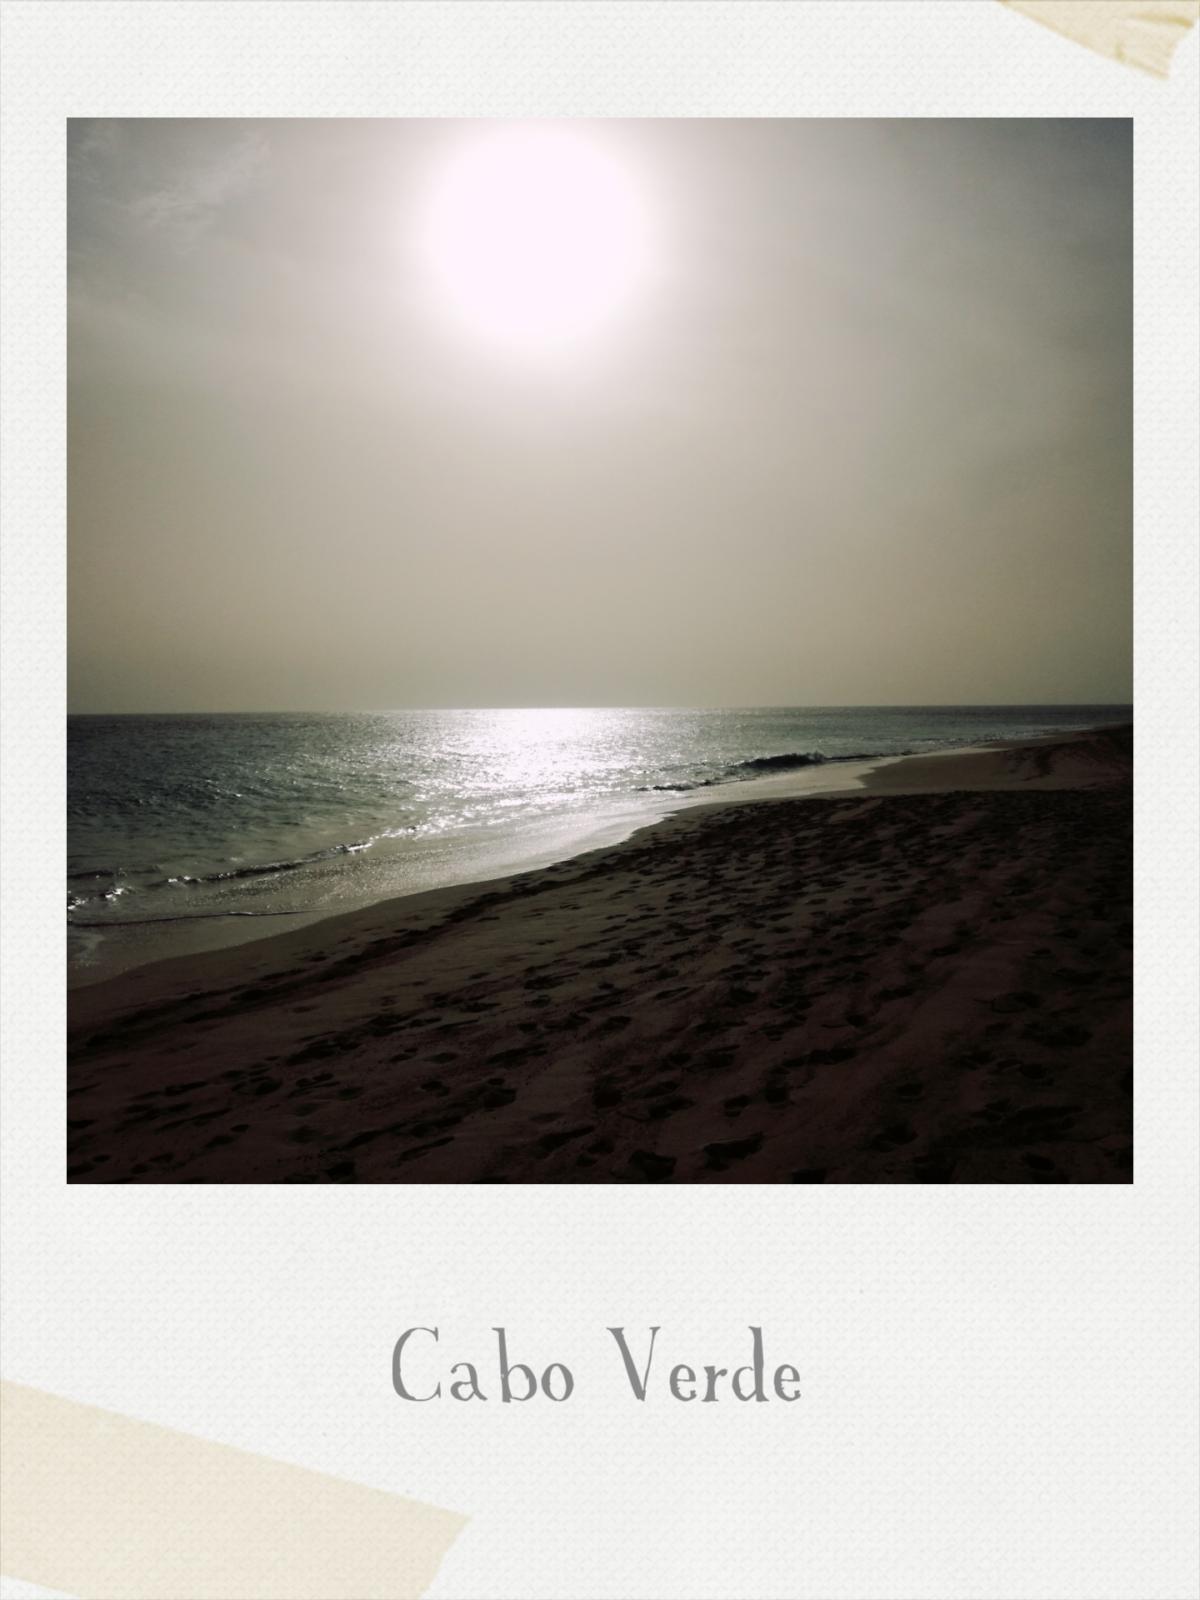 Cabo Verde, 11 febbraio